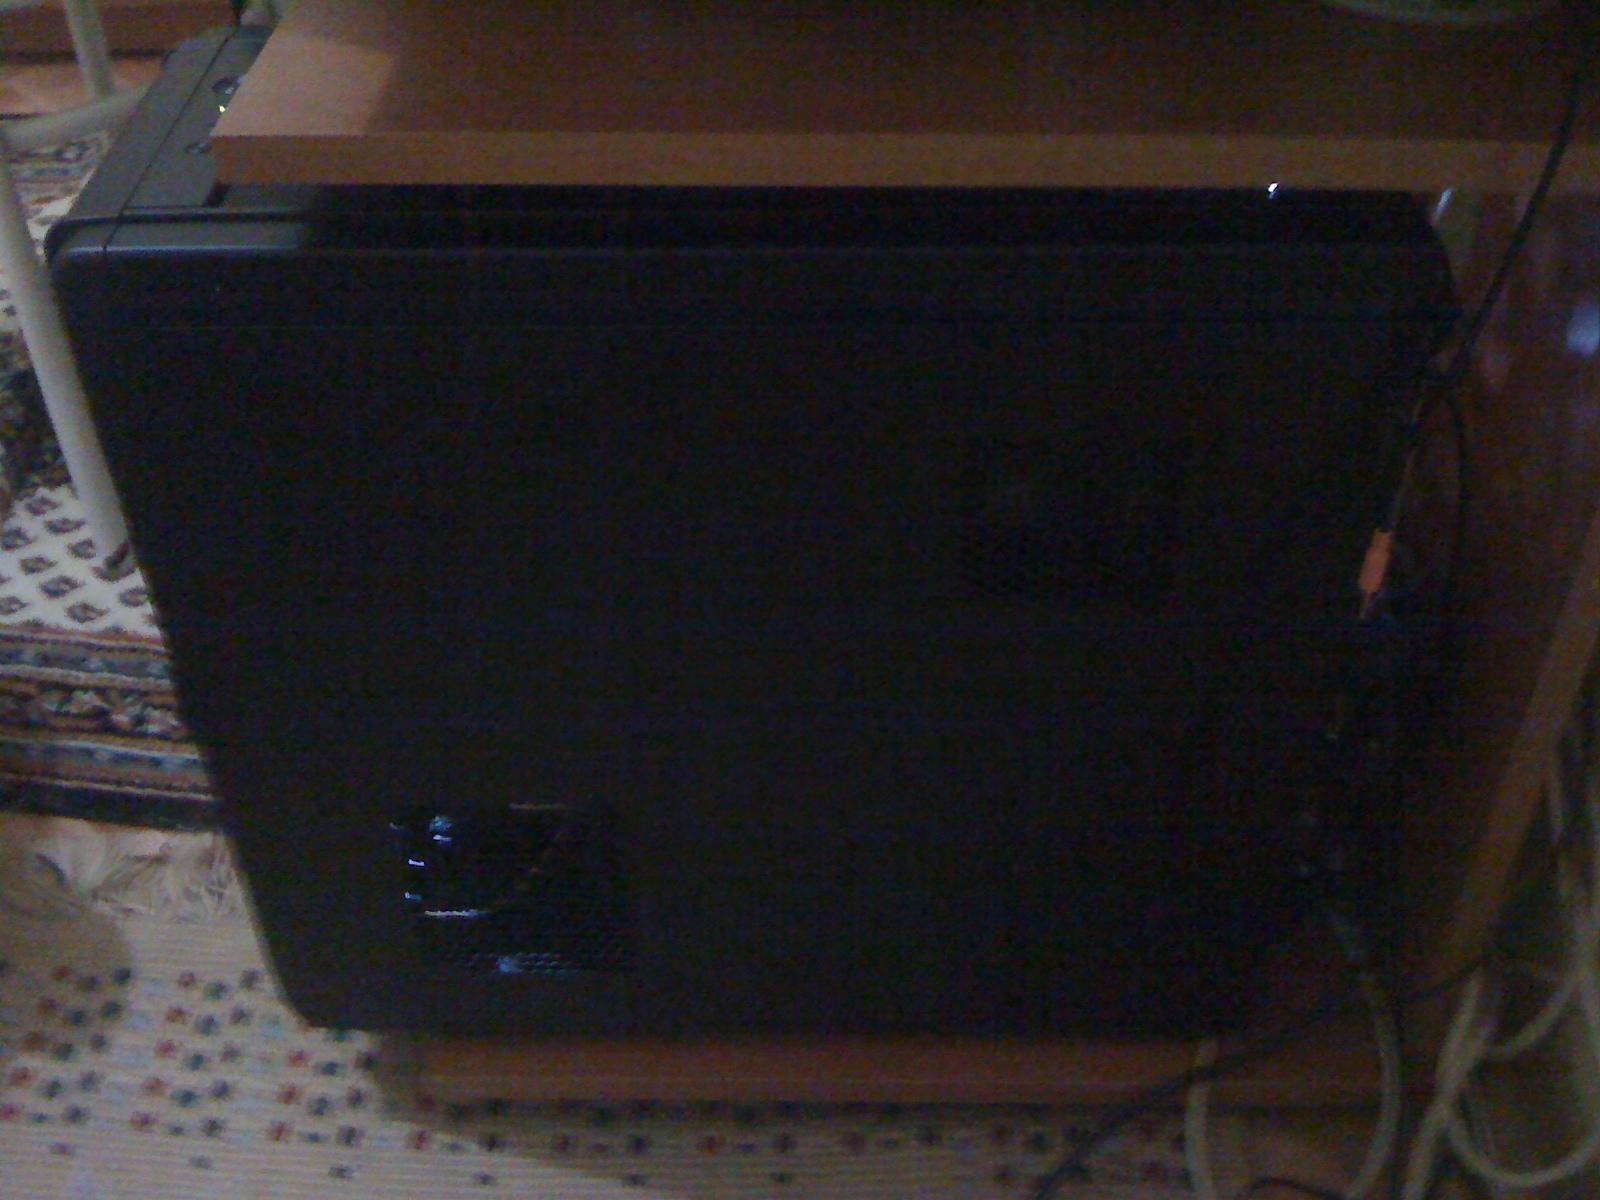 Xigmatek CPC-t55Db-u5 Mıdgard 500w Psu